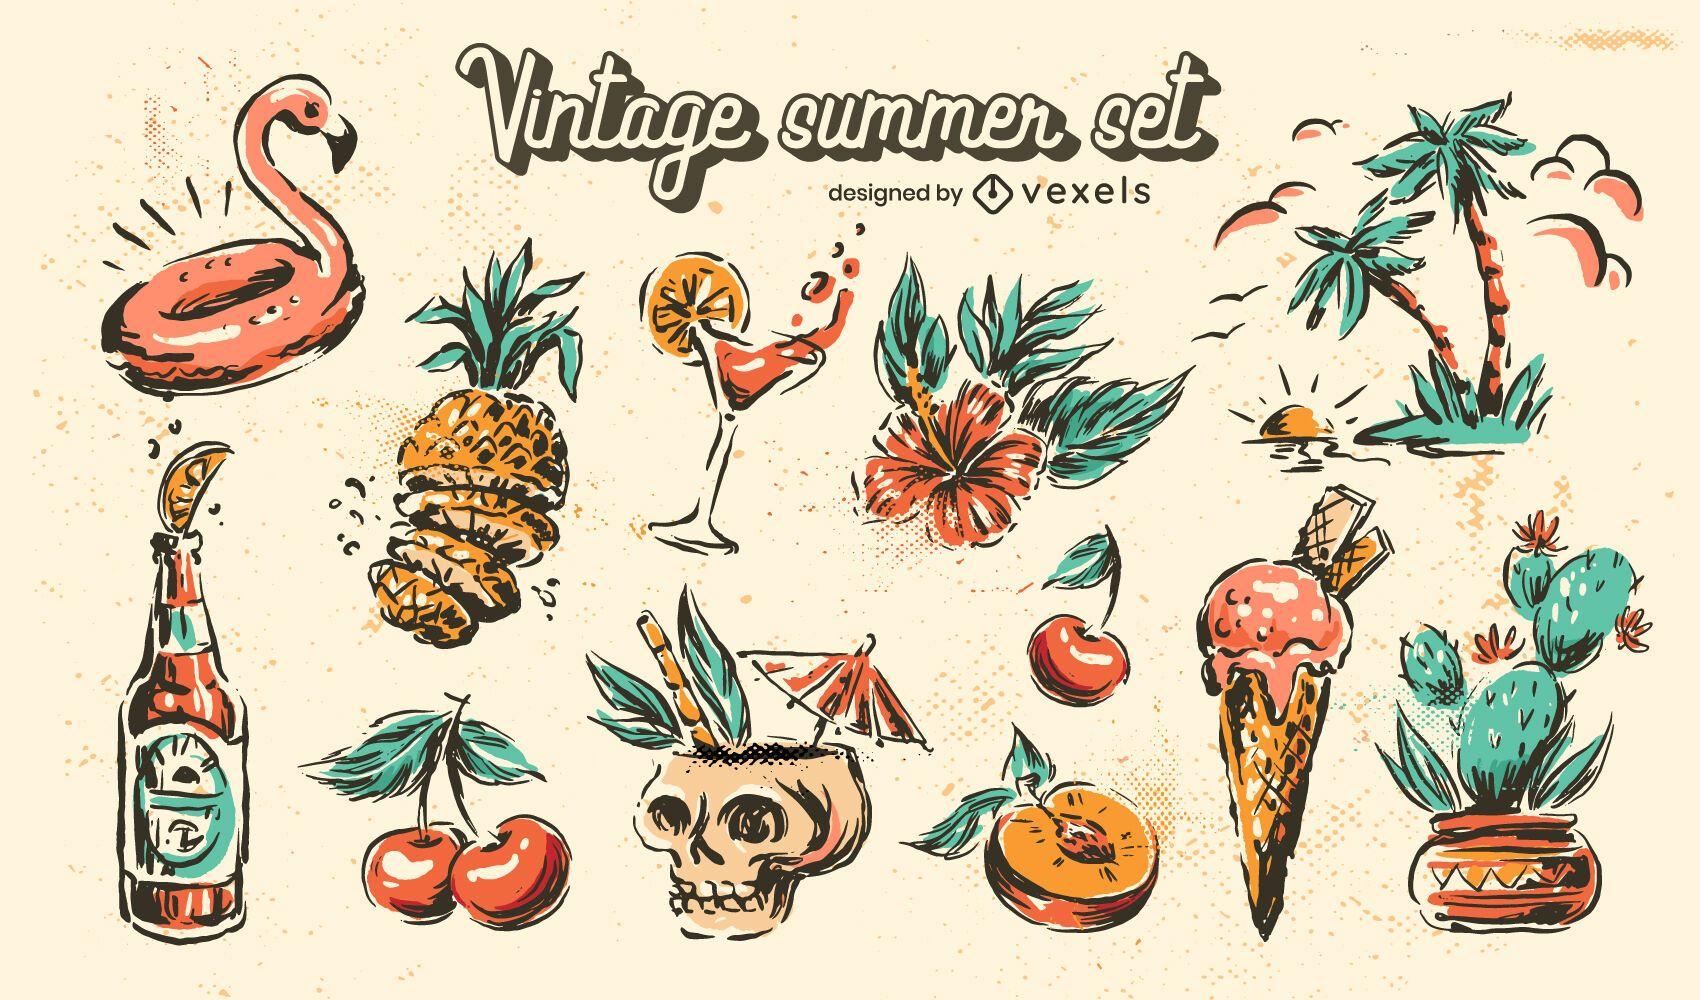 Vintage summer set